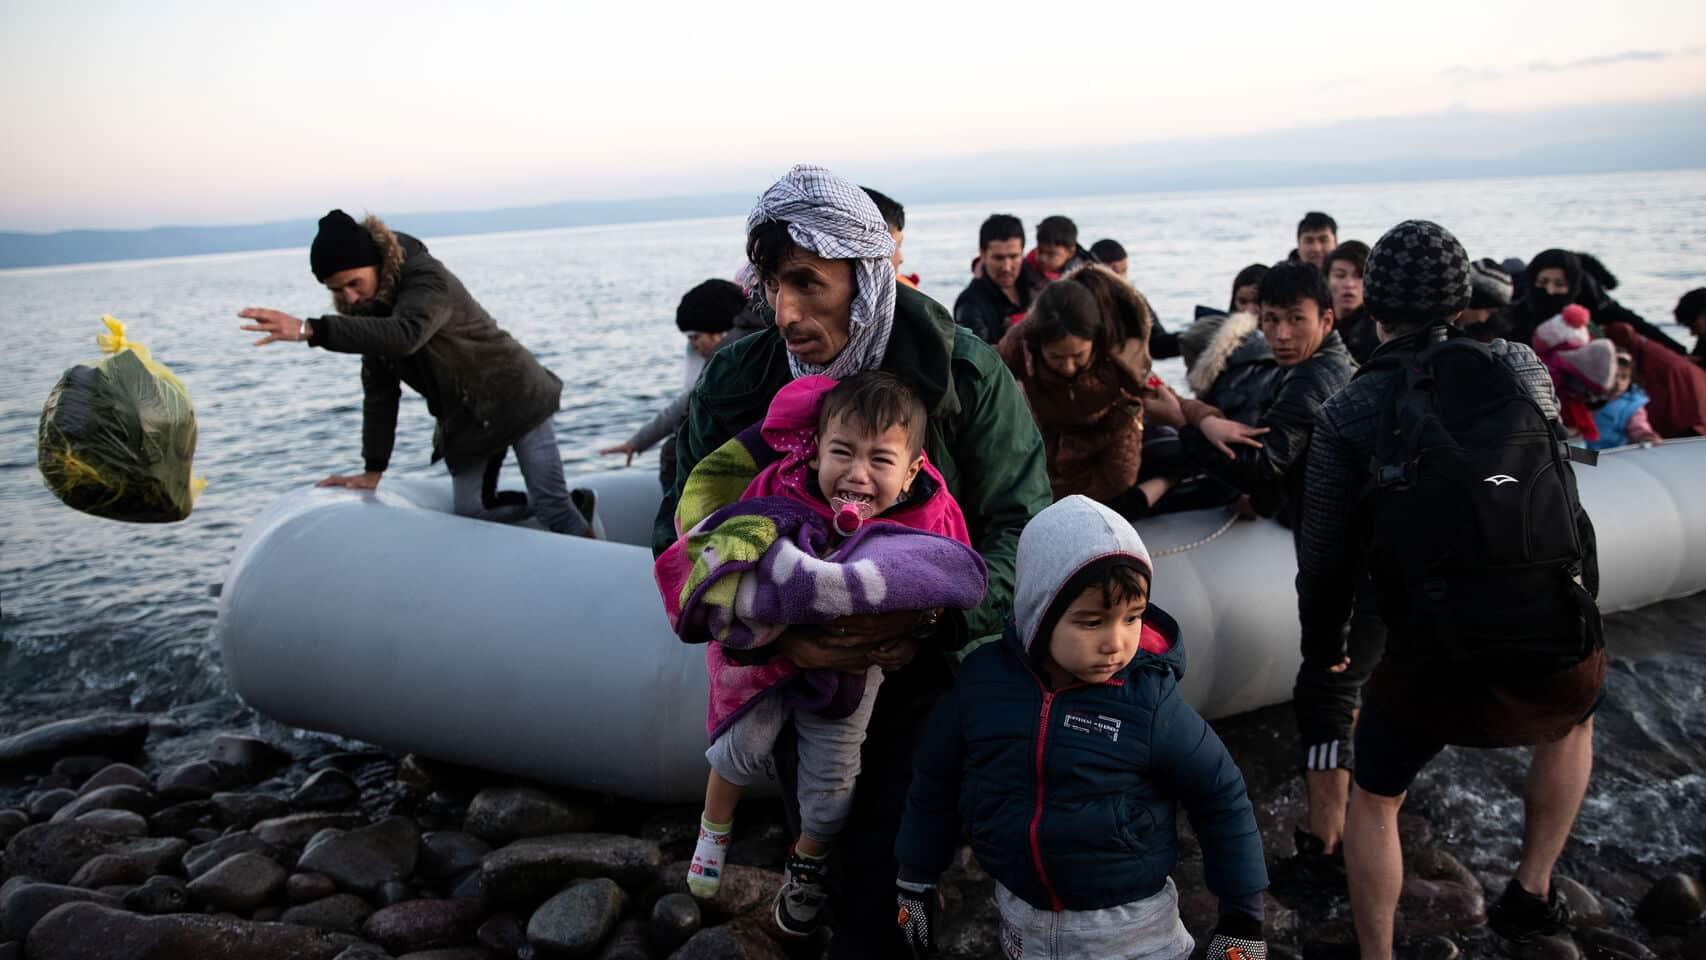 طلبات اللجوء أوروبا